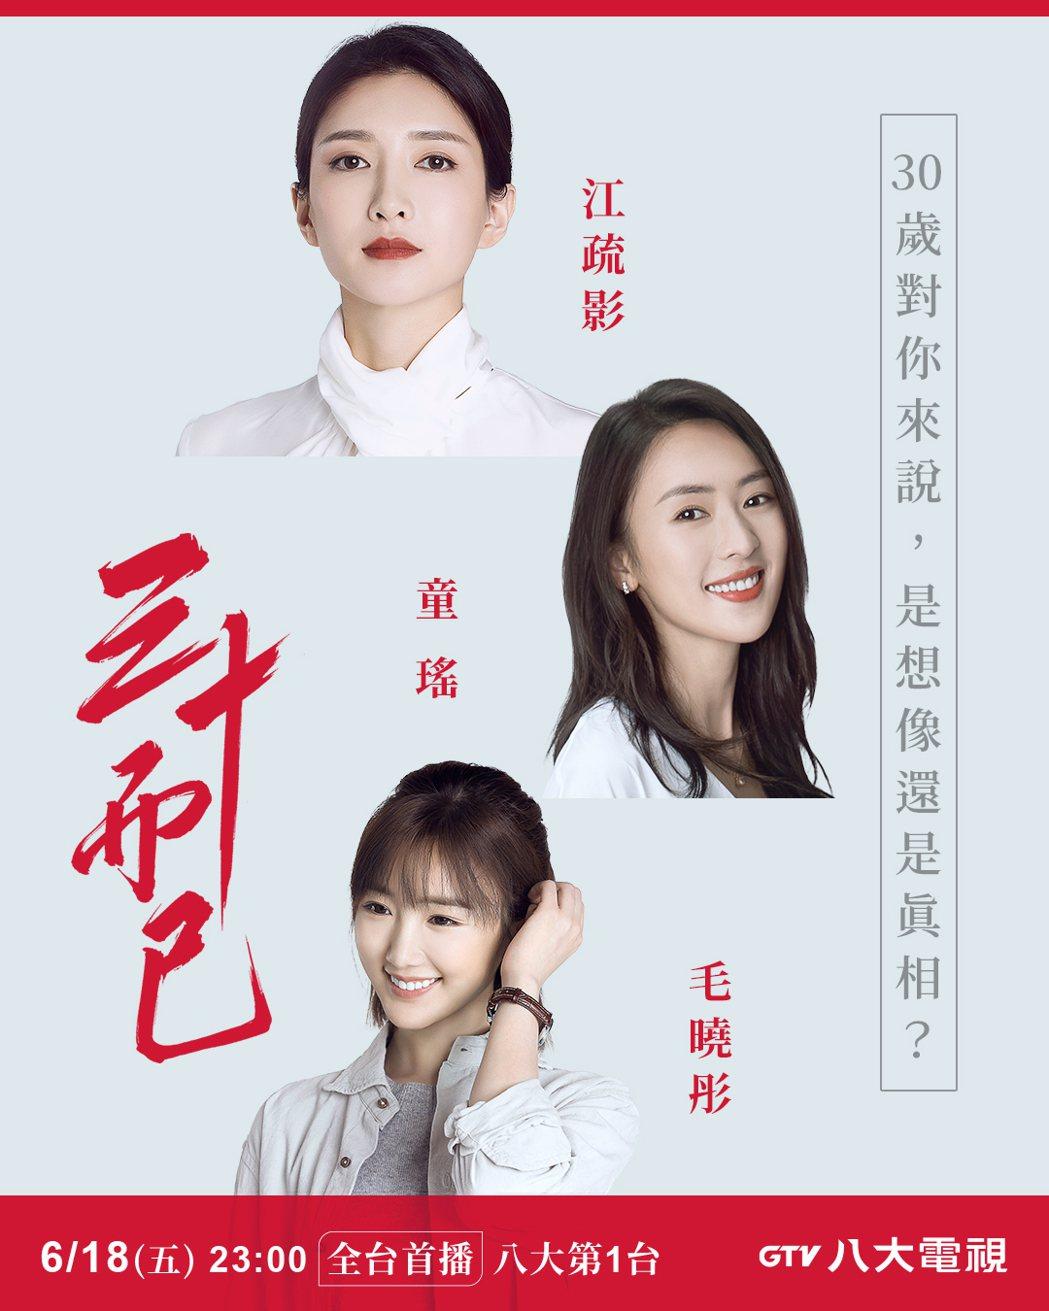 「三十而已」由江疏影、童瑤、毛曉彤等人主演。圖/八大電視提供